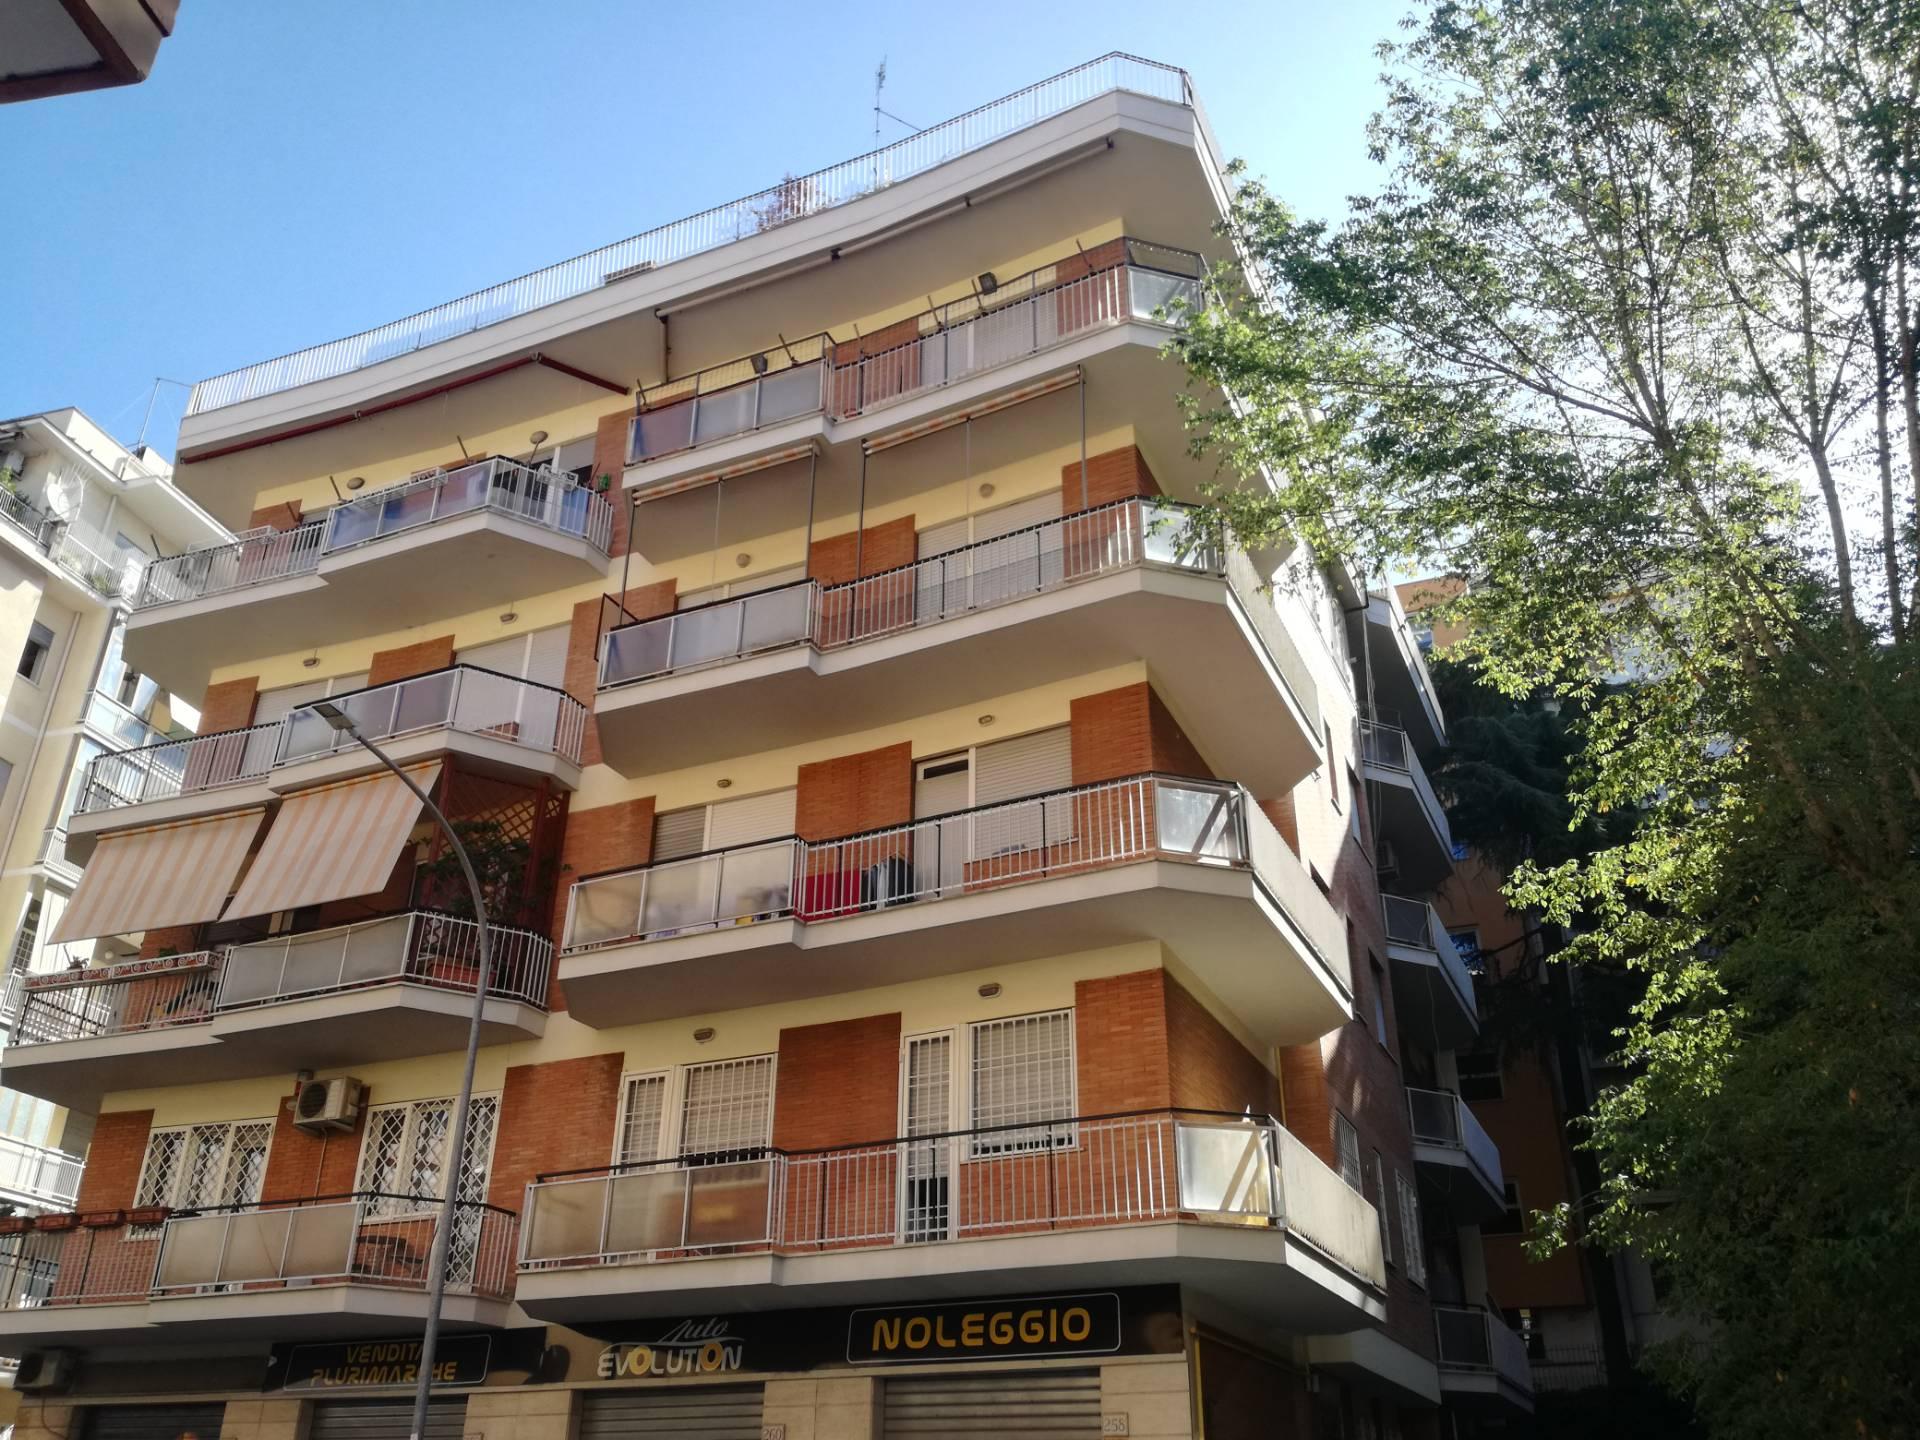 Attico in Affitto a Roma: 4 locali, 140 mq